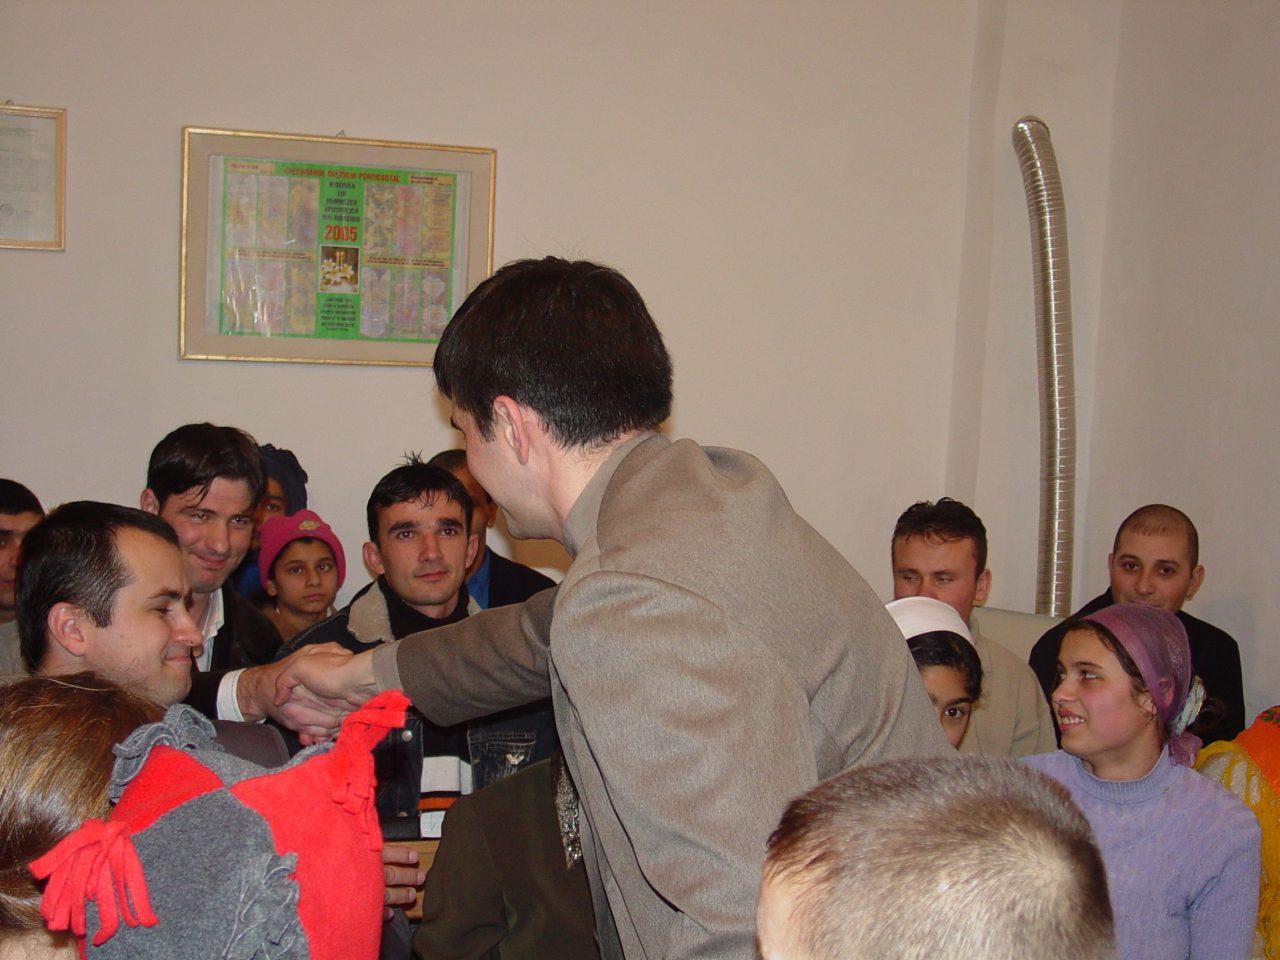 Botez Buzau – Feb.27, 2005